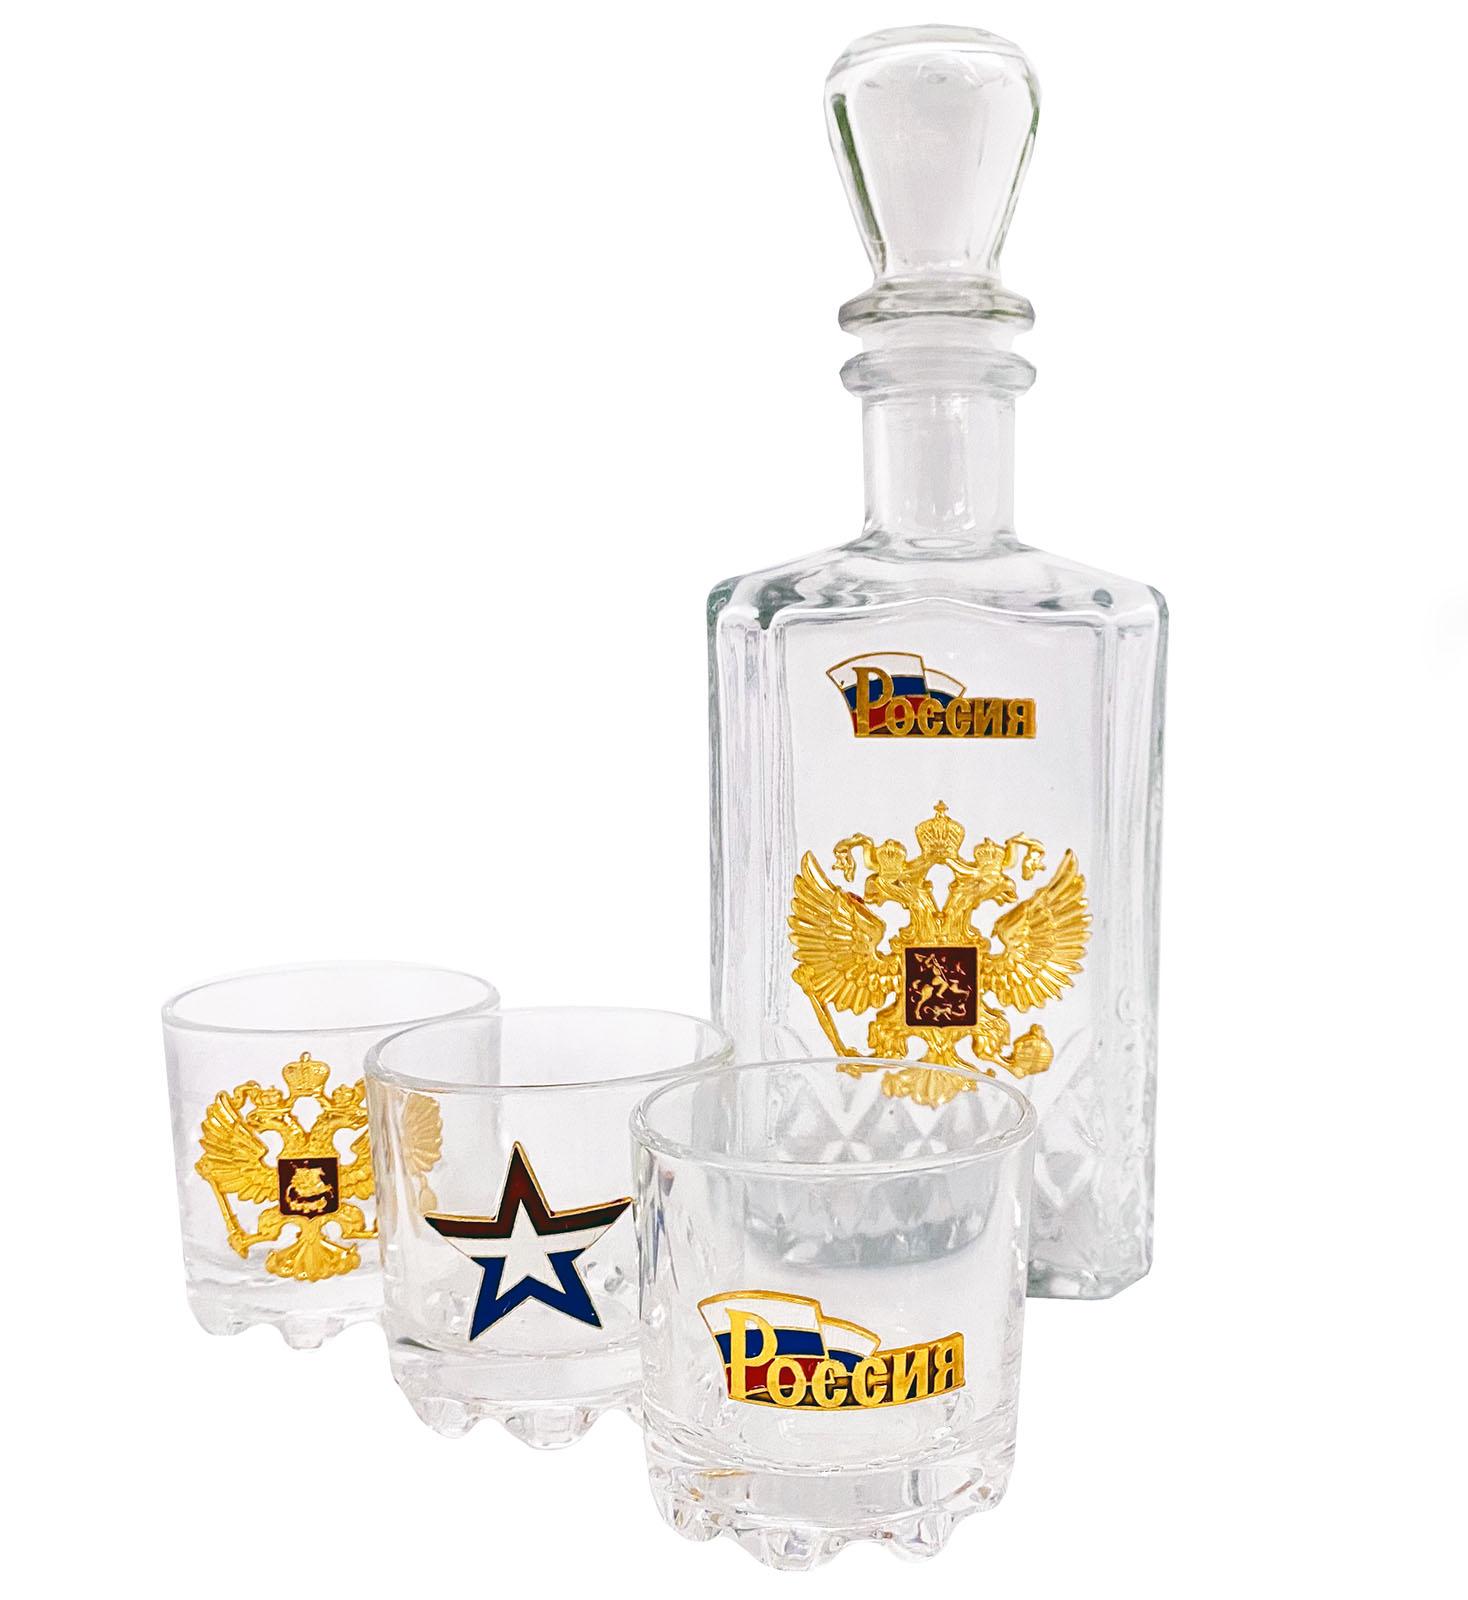 Подарочный набор с Двуглавым орлом и гербом РФ